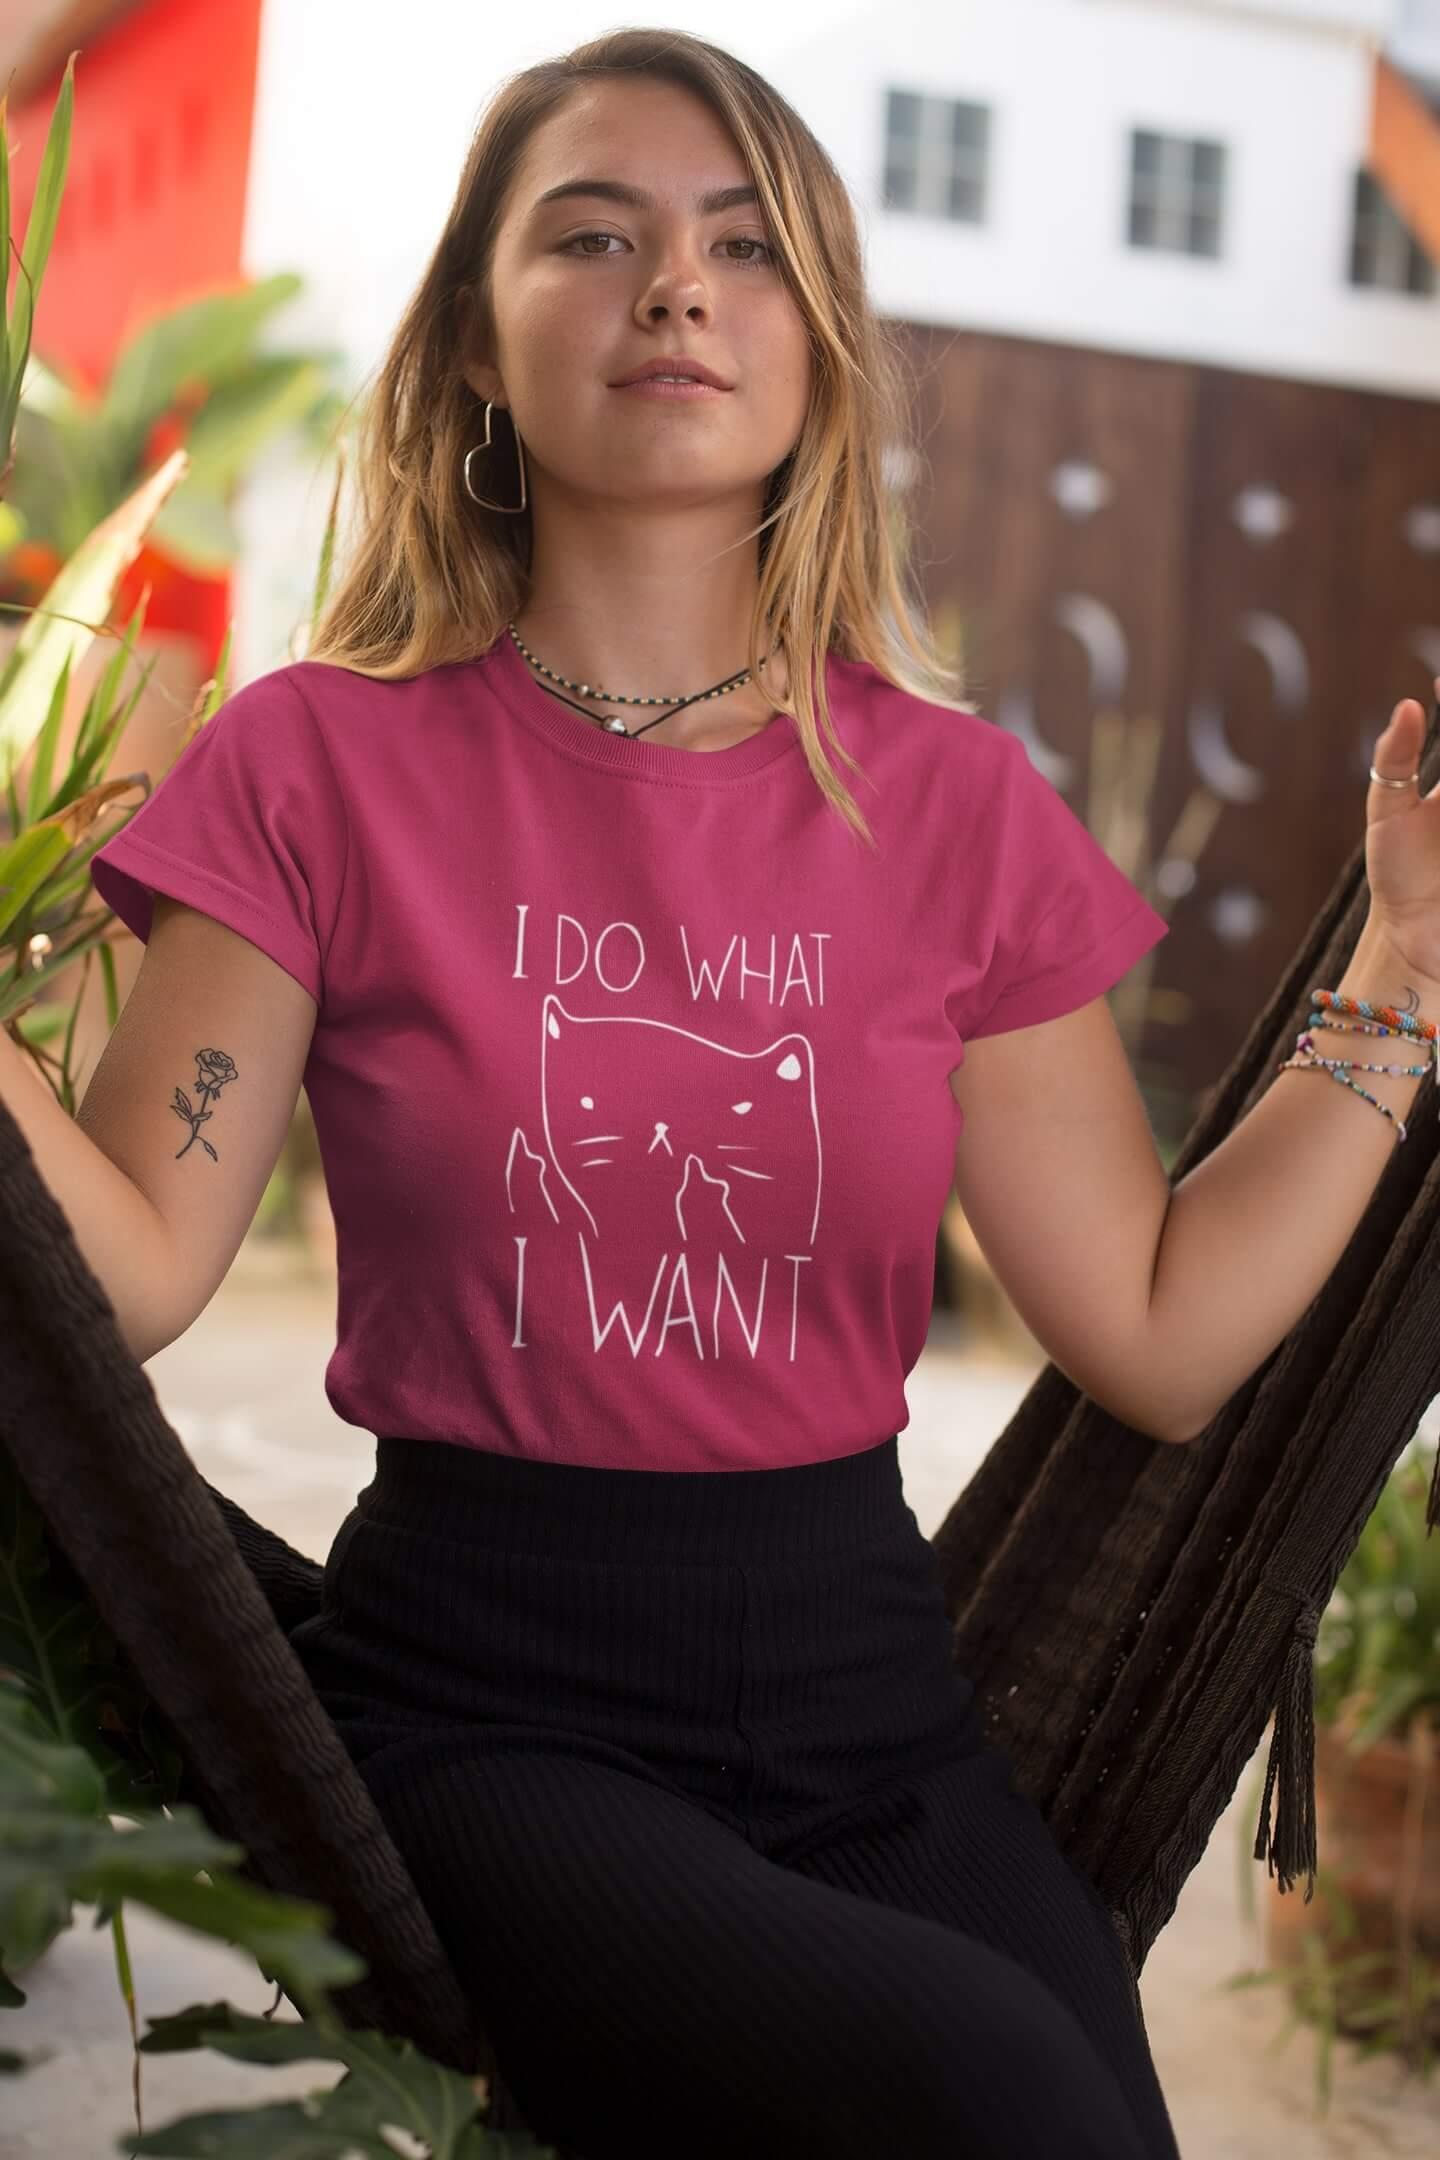 MMO Dámske tričko I DO WHAT I WANT Vyberte farbu: Purpurová, Vyberte veľkosť: M